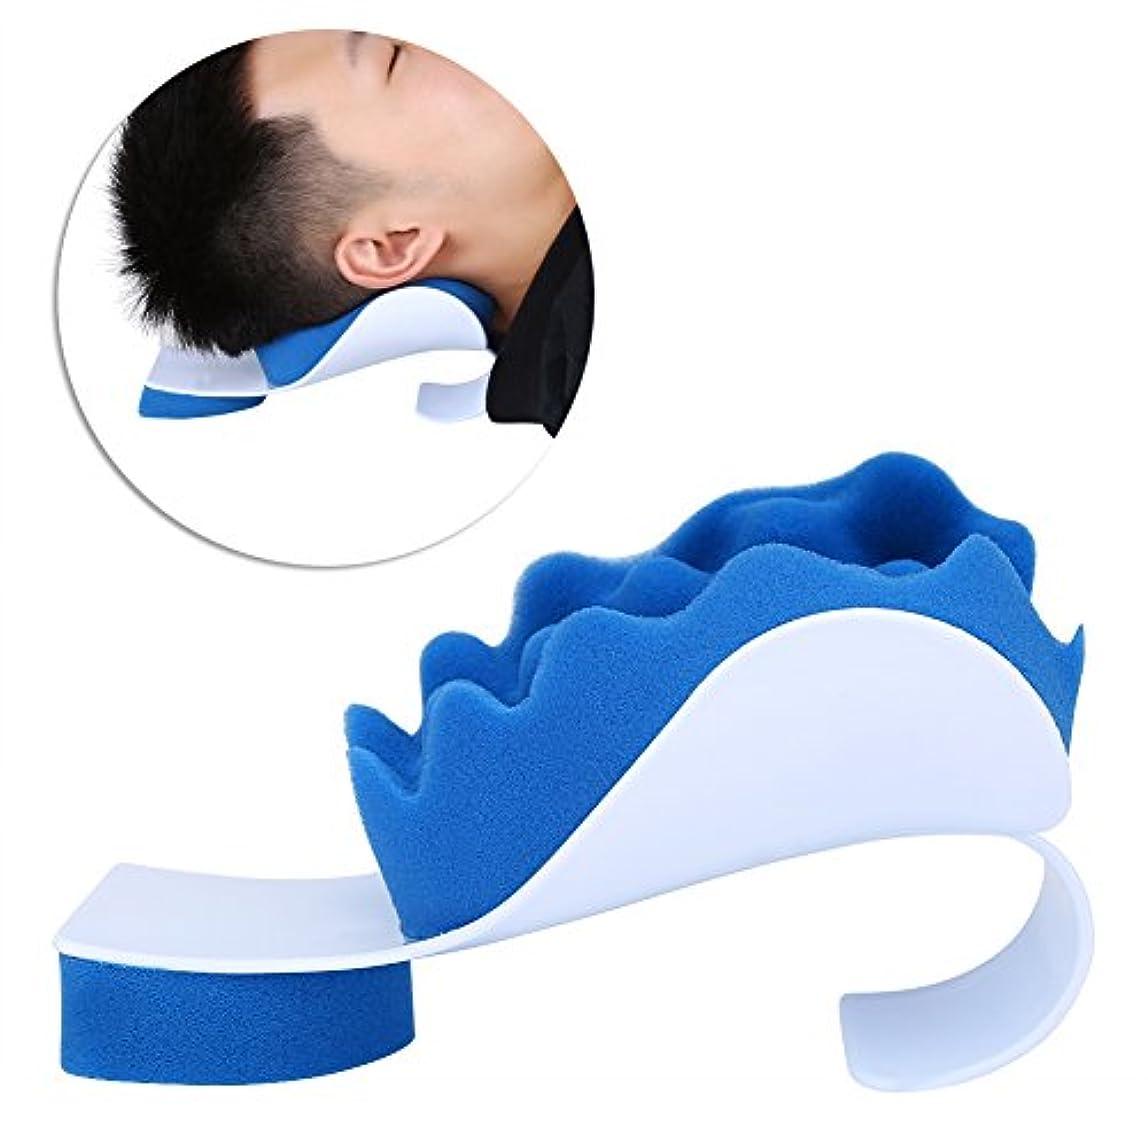 達成する平らなラフ肩首リラックスピロー、最高の肩こりと肩の痛みを緩和する緩和サポートデバイス